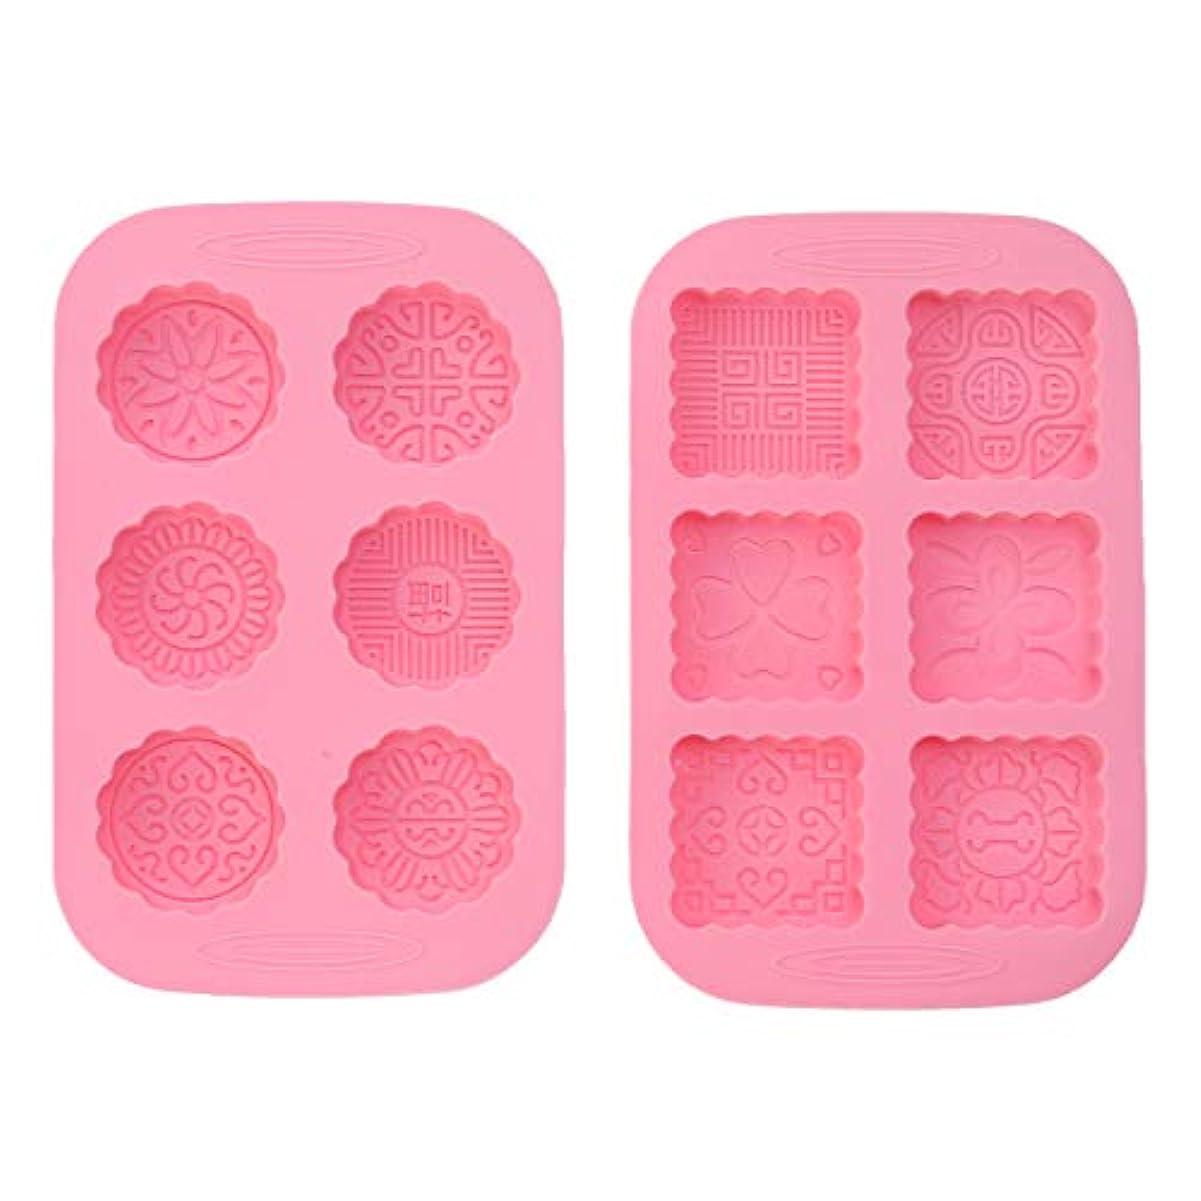 徹底的に実質的アーチSUPVOX 2本シリコンケーキマフィンムーンケーキ型花型金型DIYフォンダンショコラキャンディ金型アイスゼリーソープキューブトレイ(ピンク)